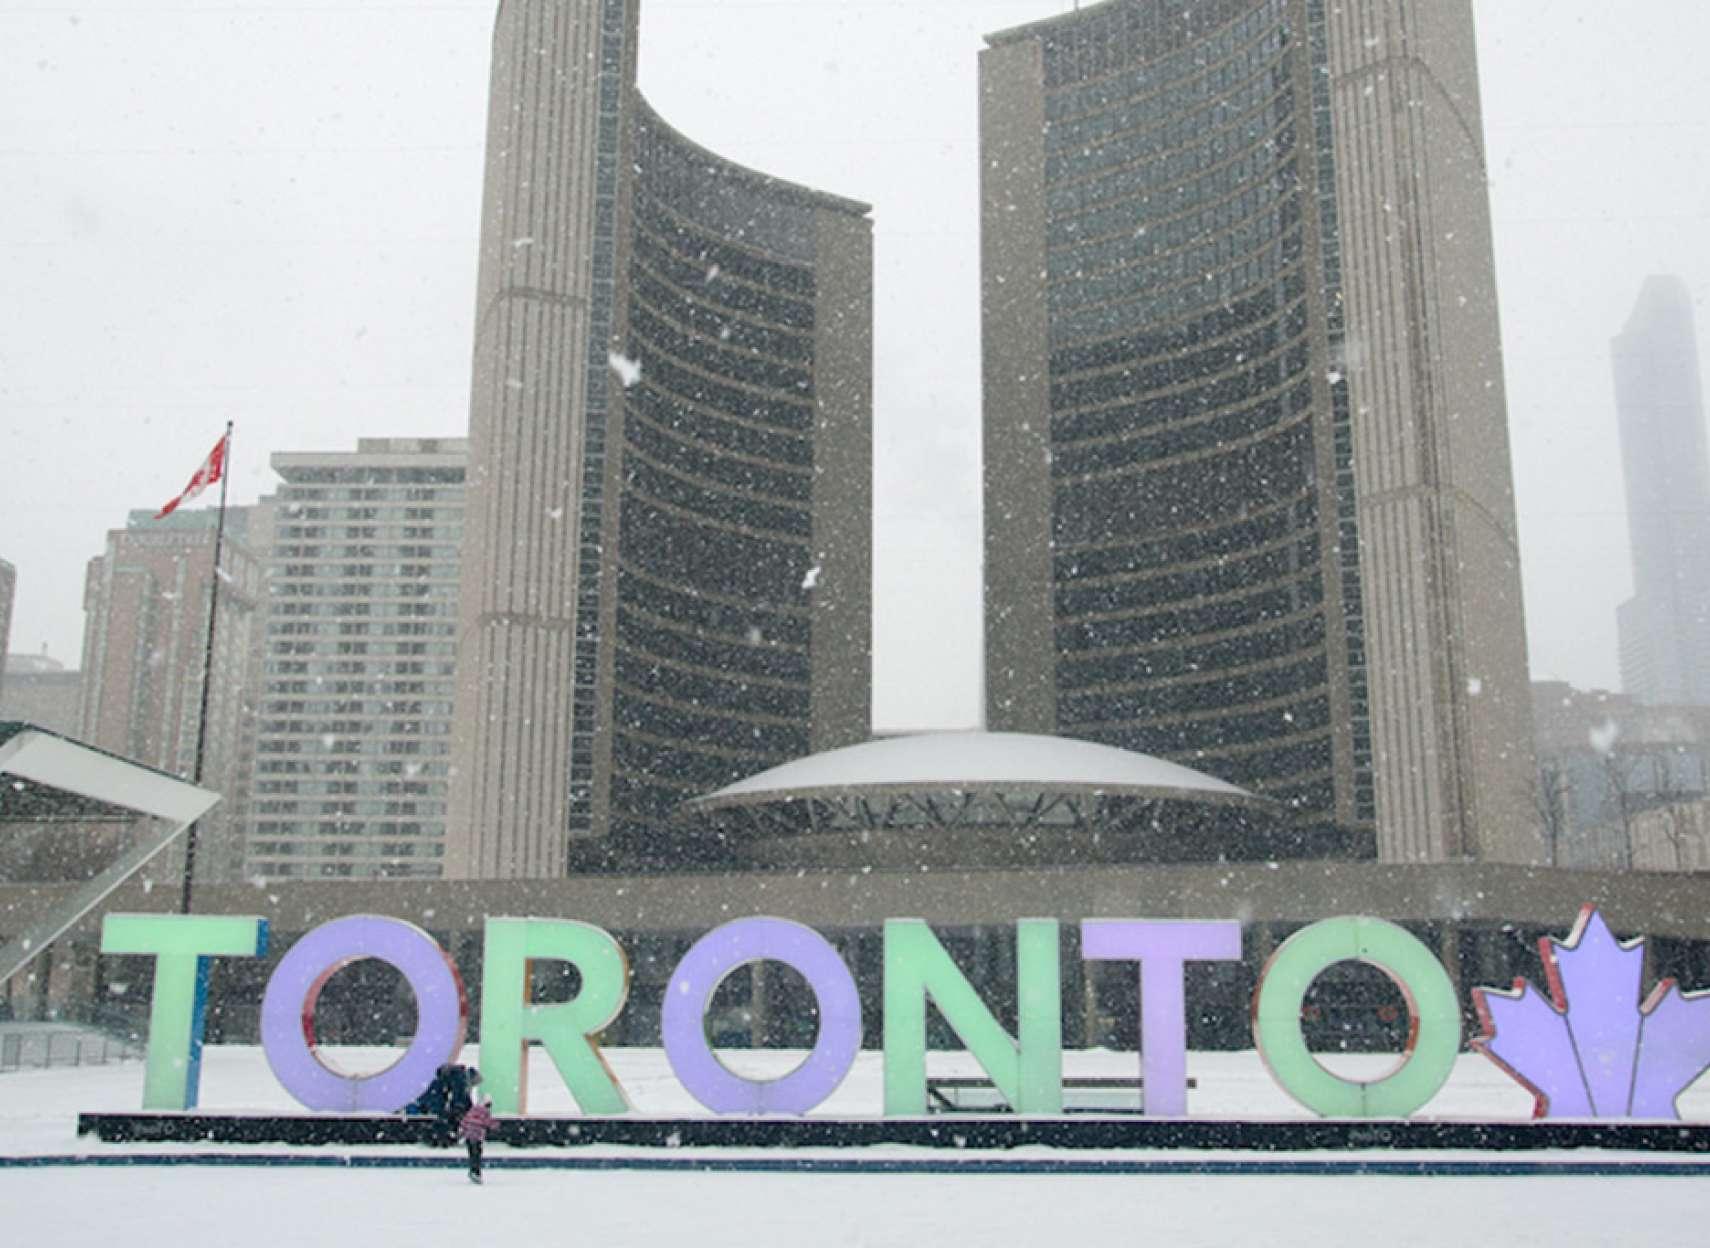 اخبار-تورنتو-شورای-شهر-تورنتو-مالیات-خانه-ها-را-امسال-افزایش-داد